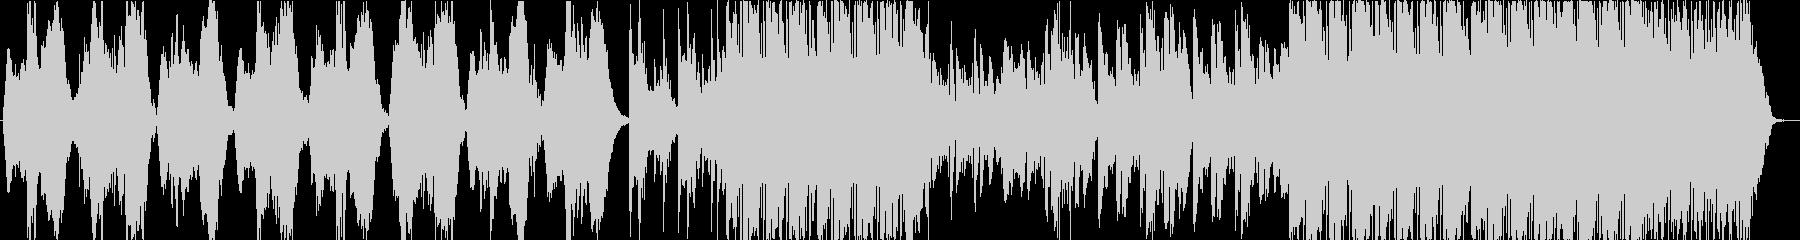 鐘が不気味なホラー系BGMの未再生の波形